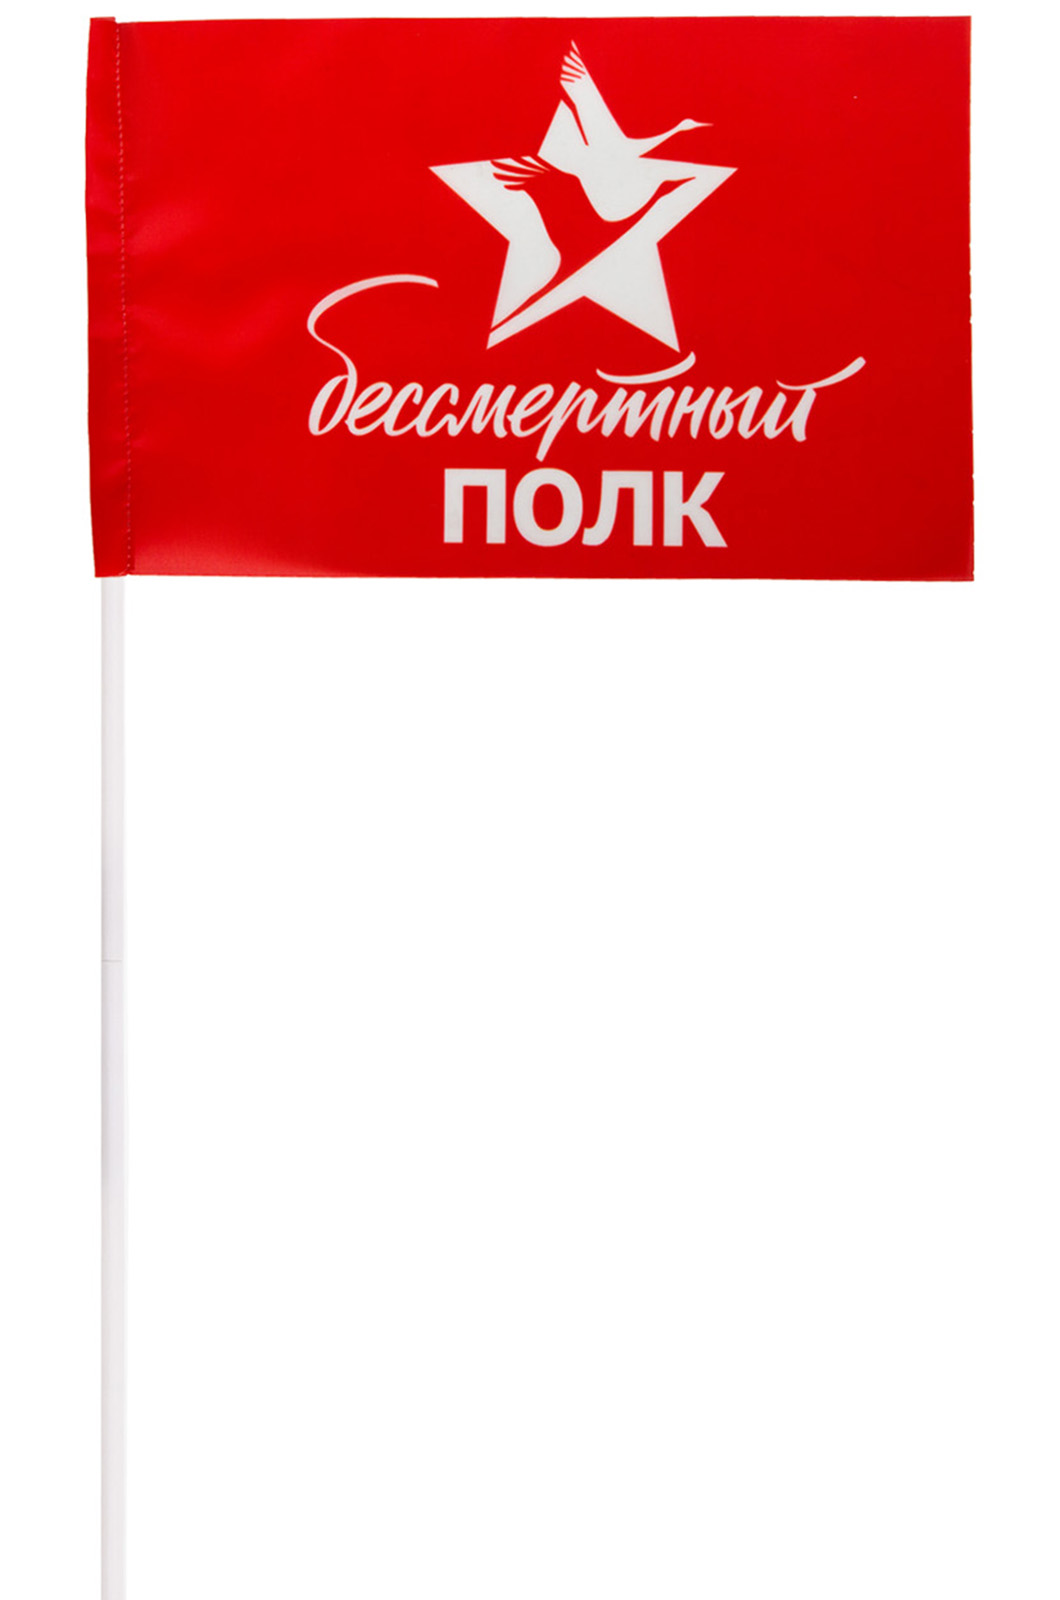 """Набор атрибутики на 9 мая для участников акции """"Бессмертный полк"""""""